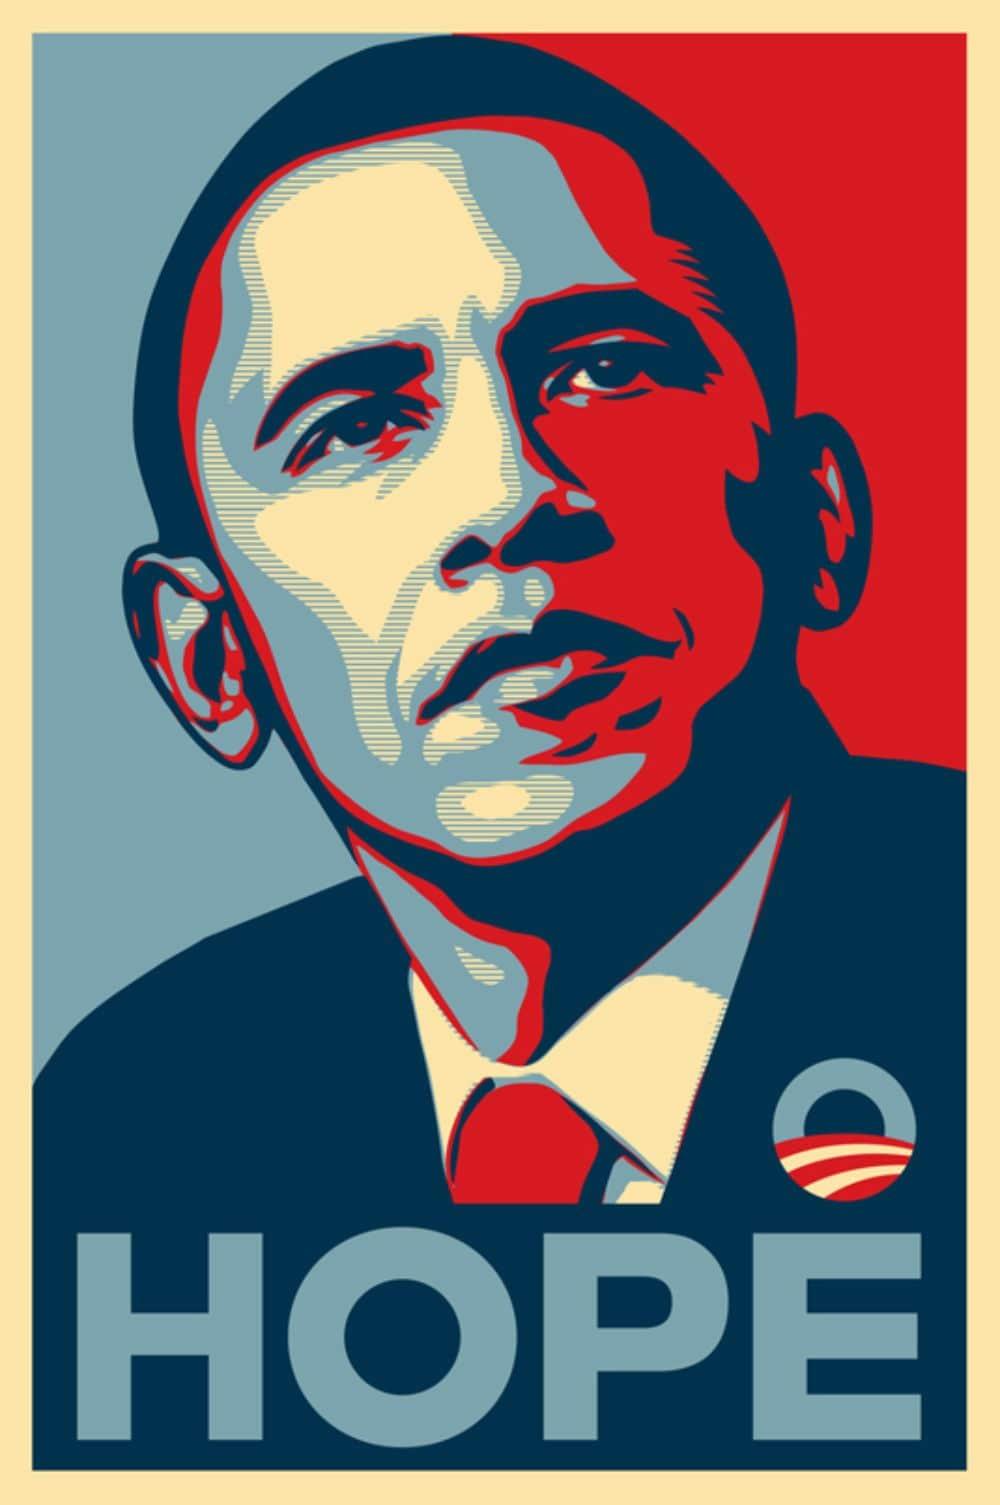 Hope Poster - Barack Obama